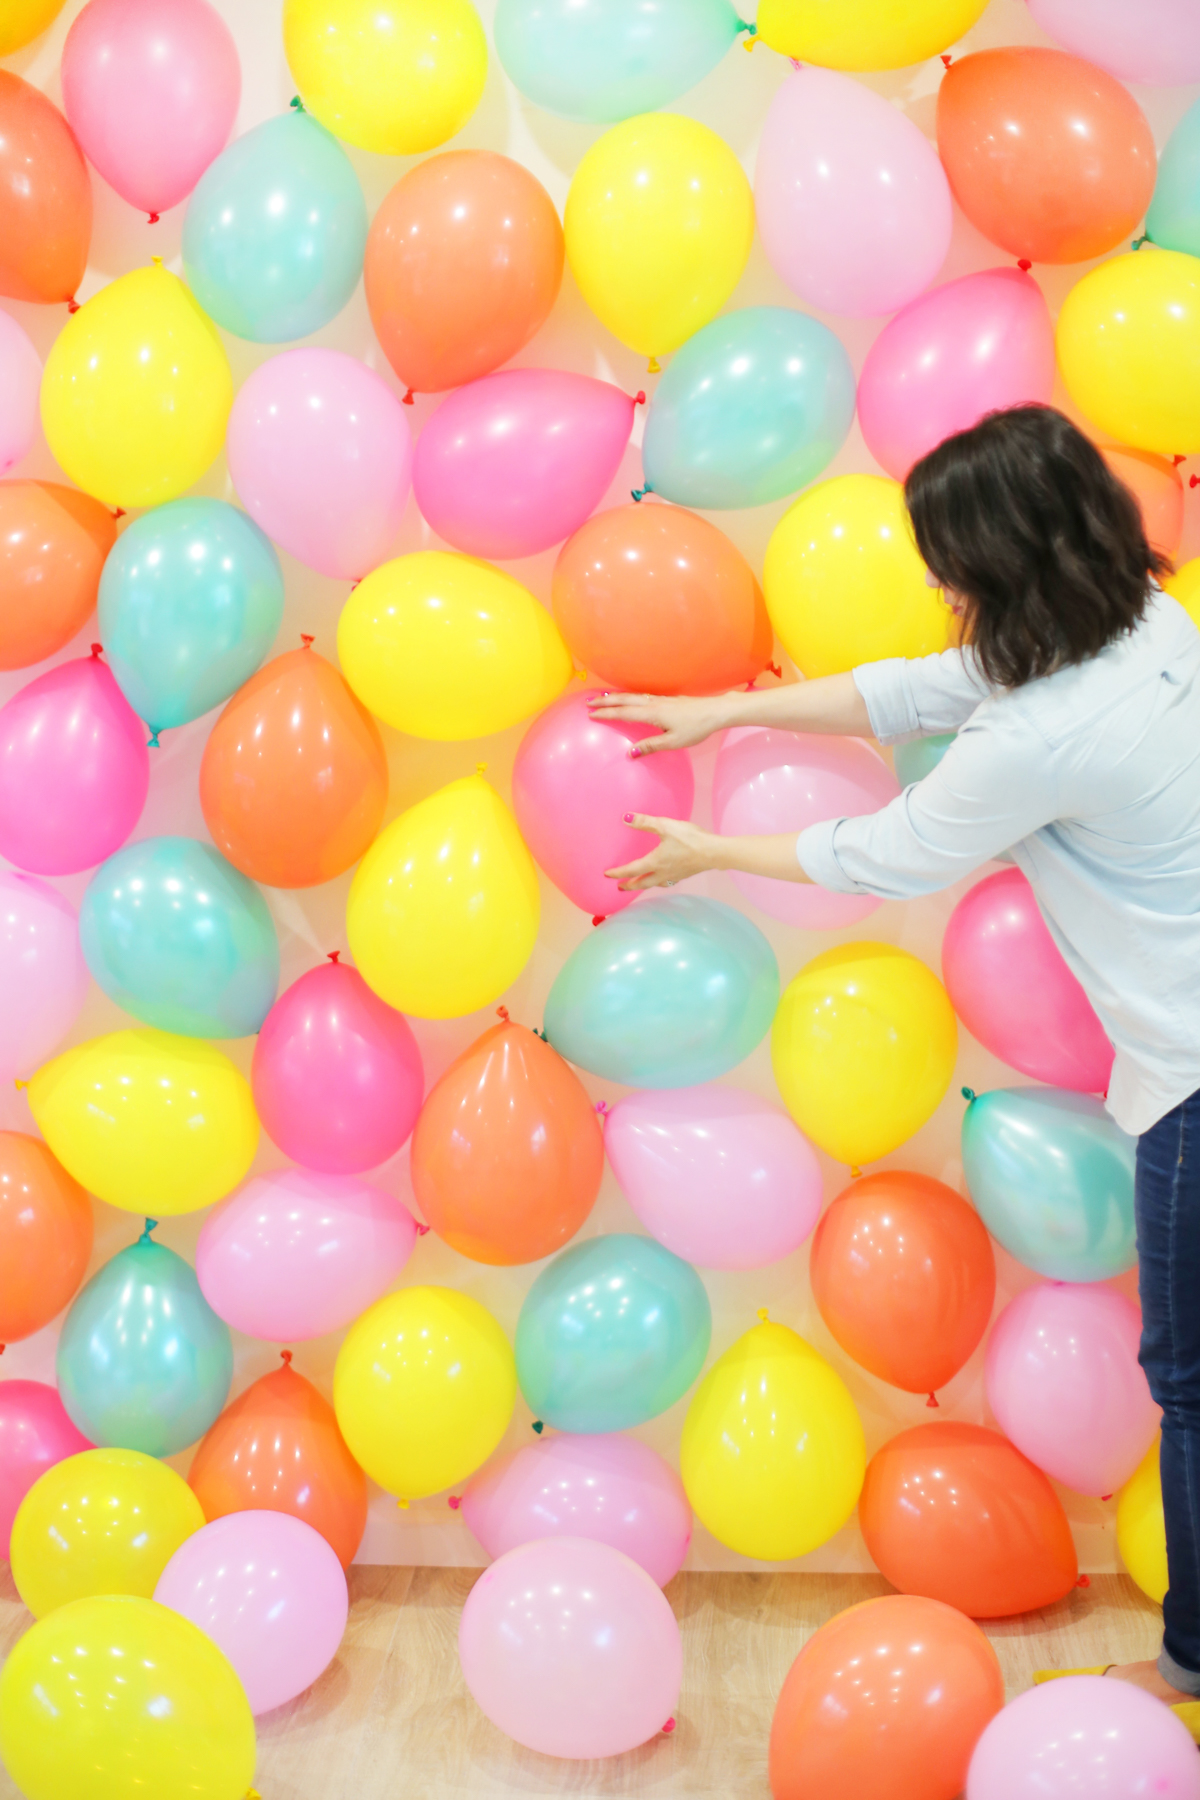 DIY colorful balloon backdrop